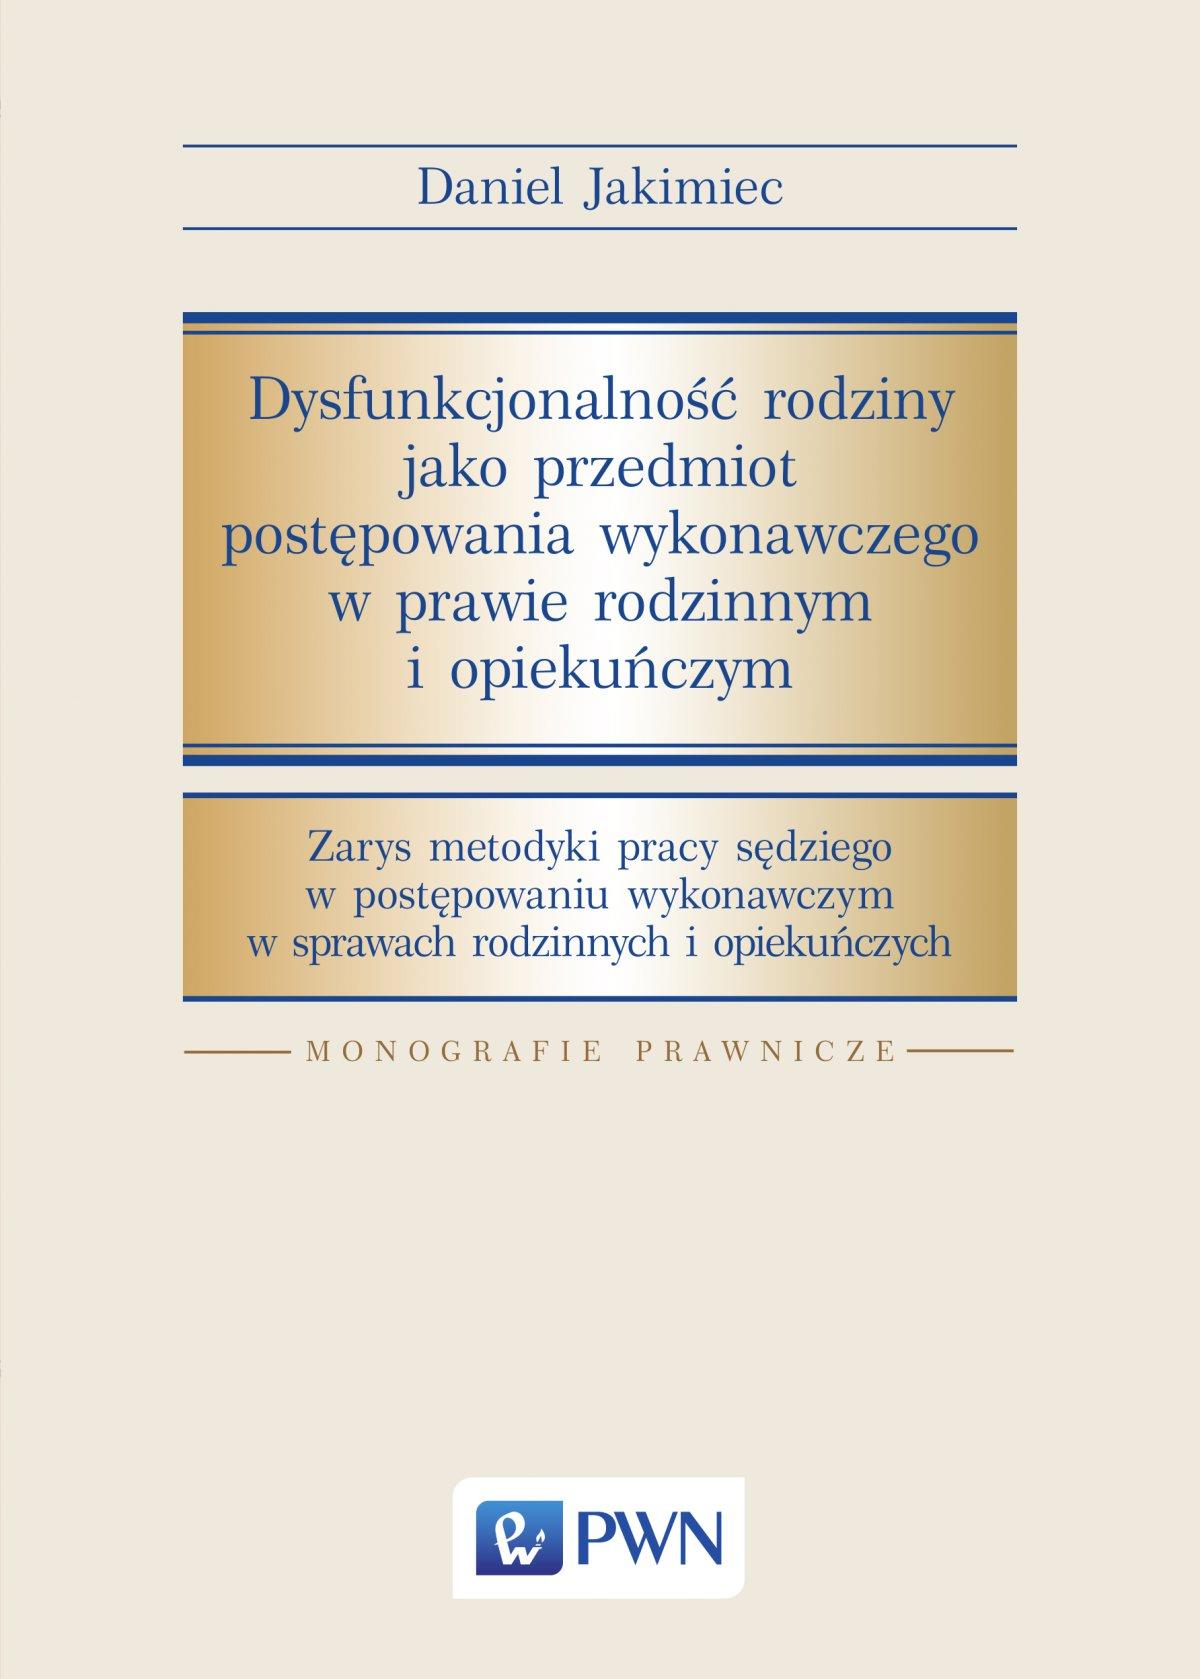 Dysfunkcjonalność rodziny jako przedmiot postępowania wykonawczego w prawie rodzinnym i opiekuńczym - Ebook (Książka na Kindle) do pobrania w formacie MOBI